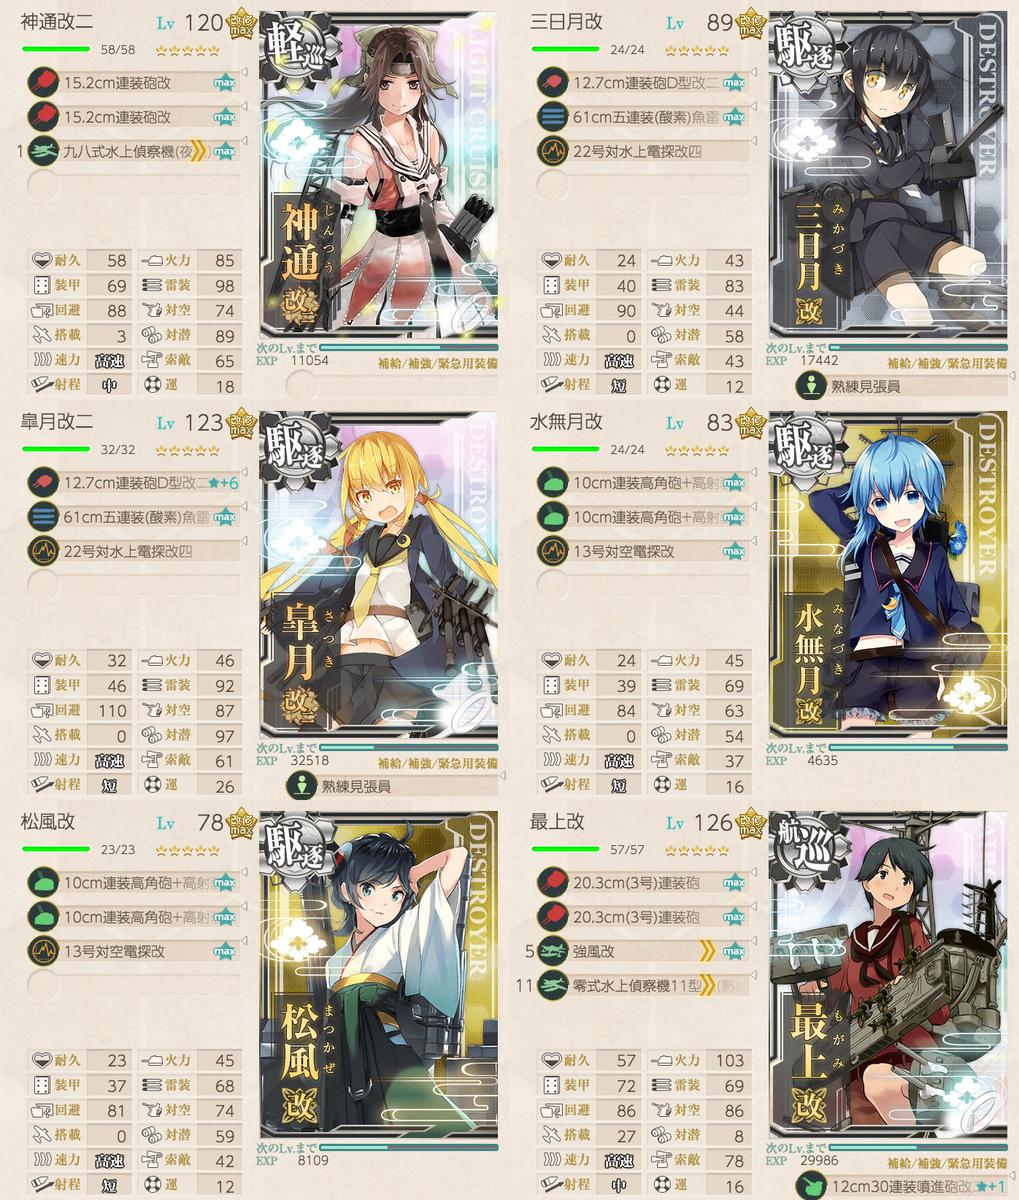 f:id:nameless_admiral:20200718062057j:plain